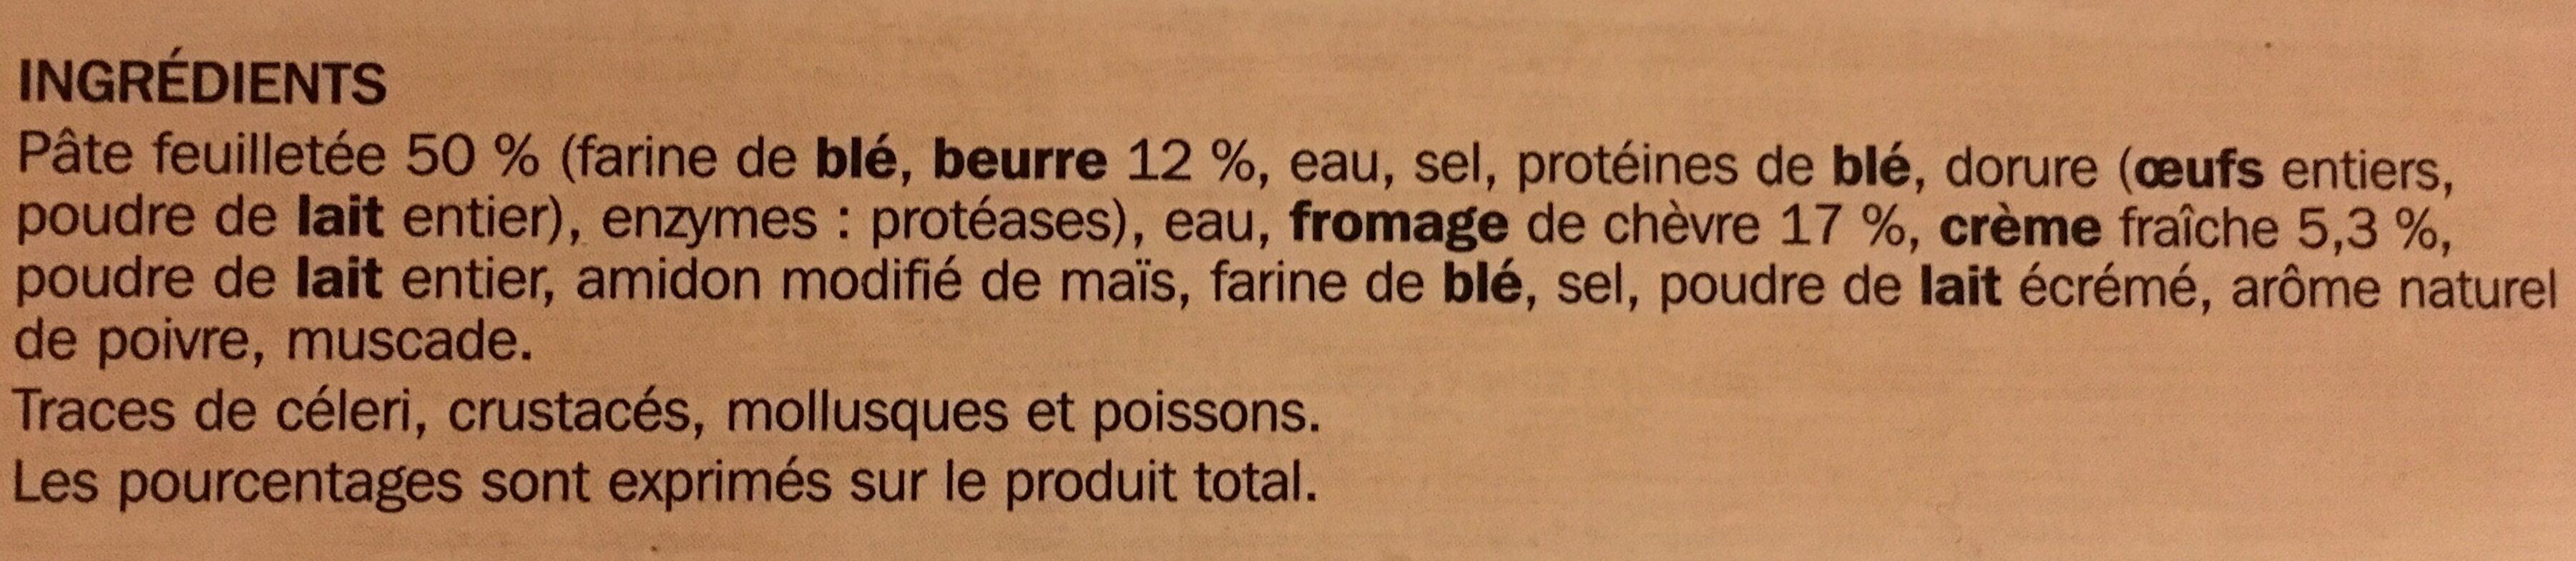 Feuilletés chèvre - Ingrédients